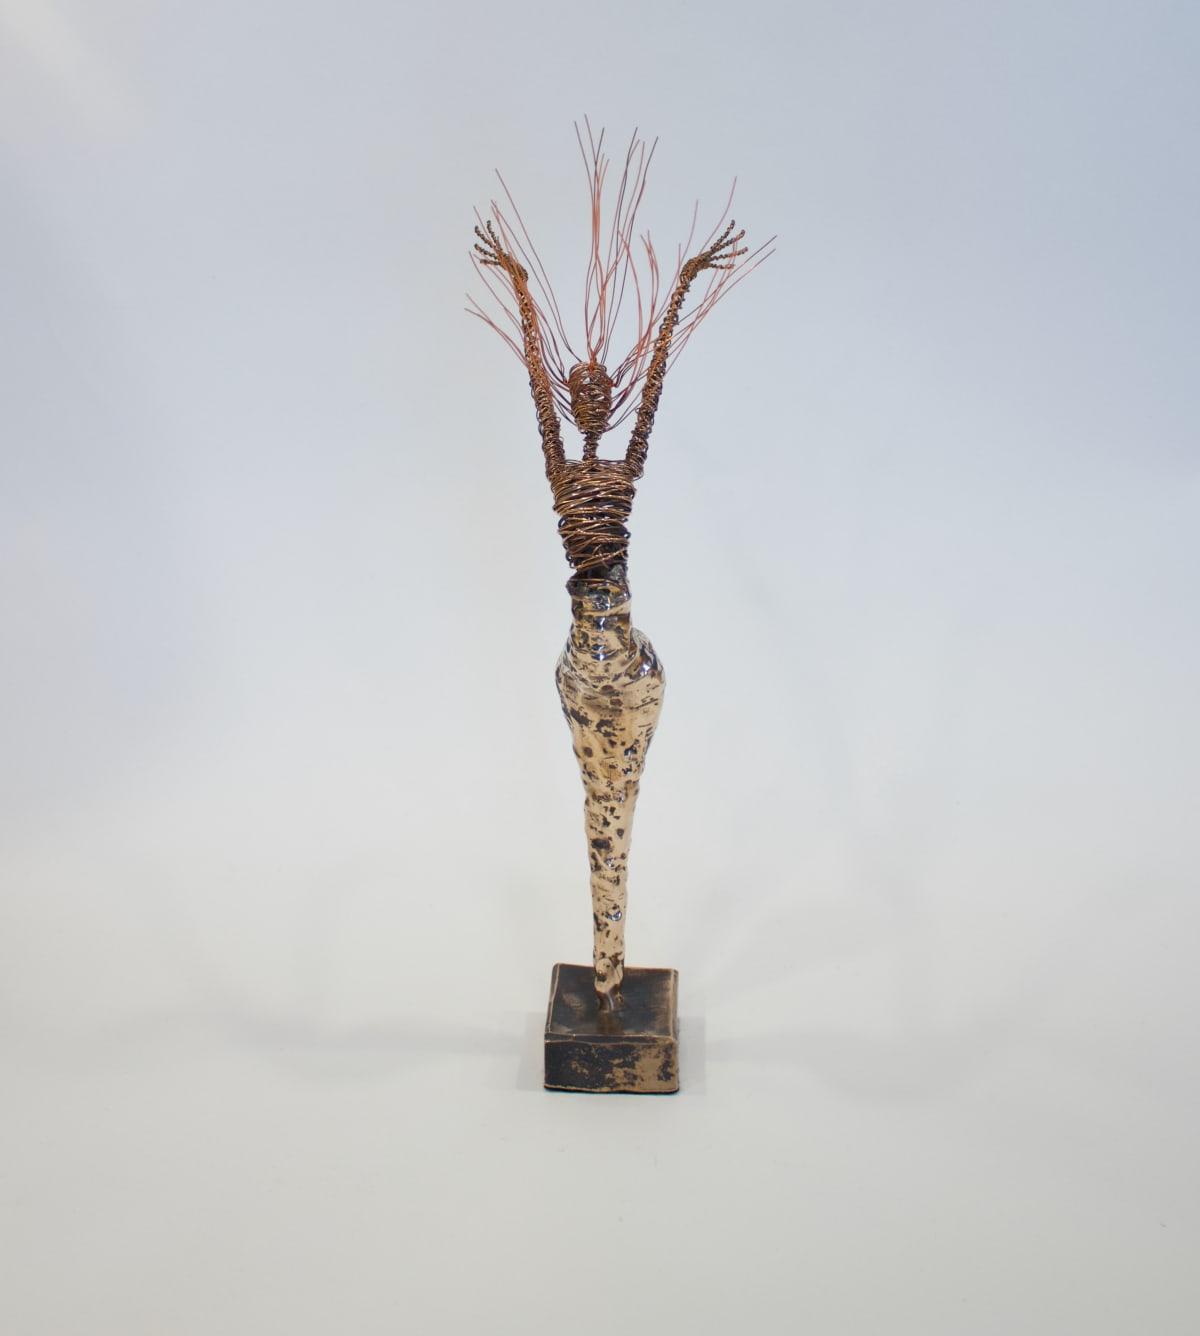 Rachel Ducker Bronze Arms Up, 2019 Bronze & Wire Sculpture 45 x 32 x 20 cm 17 3/4 x 12 5/8 x 7 7/8 in